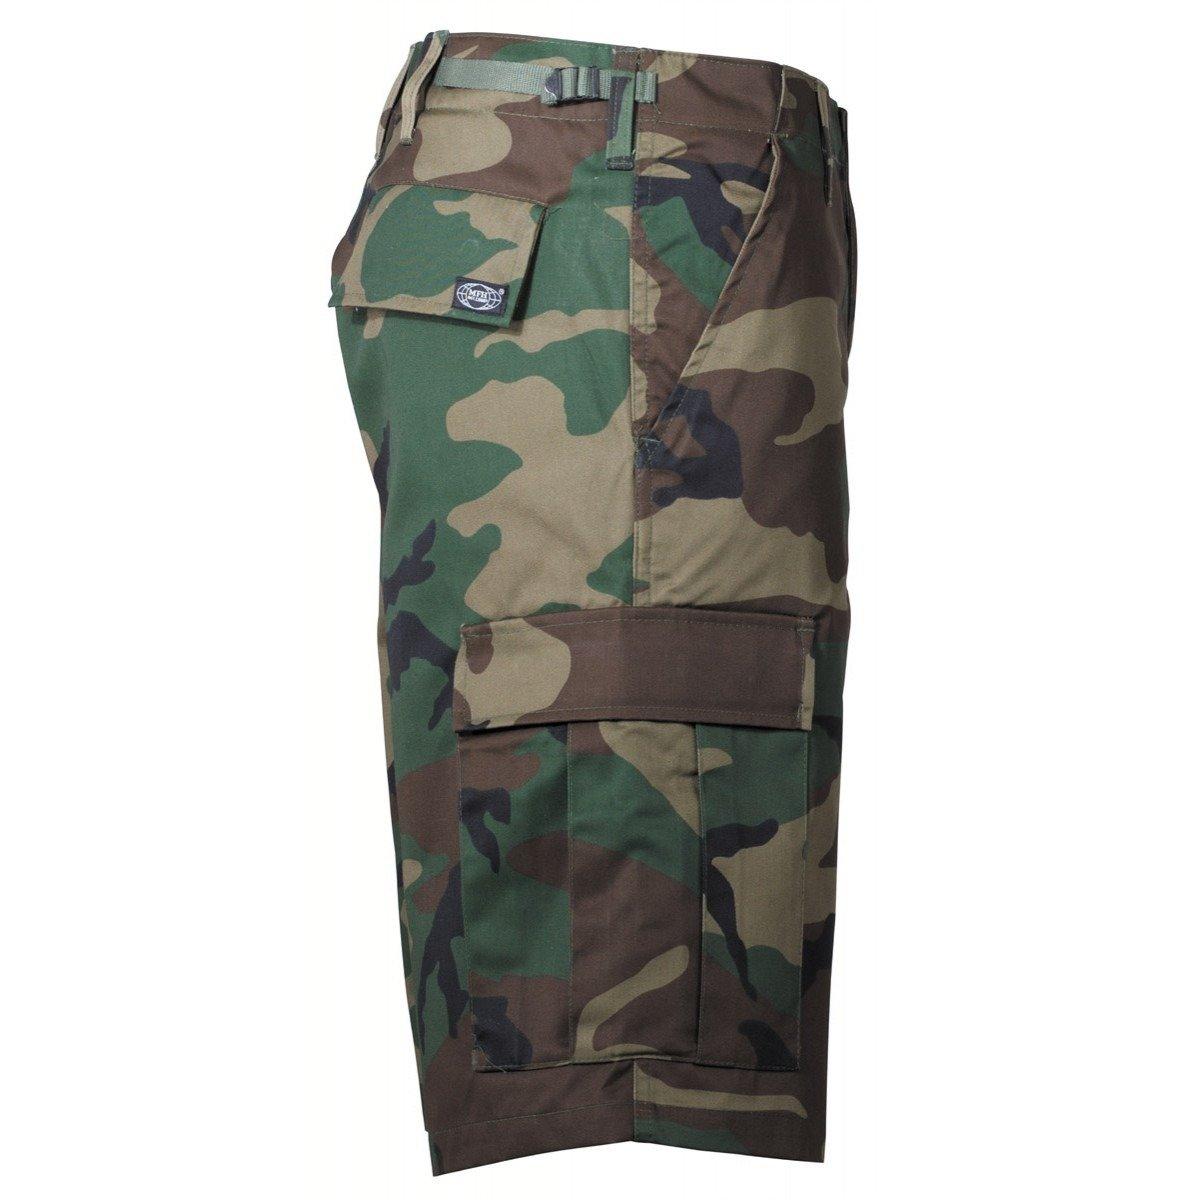 mfh bdu  MFH BDU men titch woodland woodland | Apparel \ Bermudas & Shorts ...